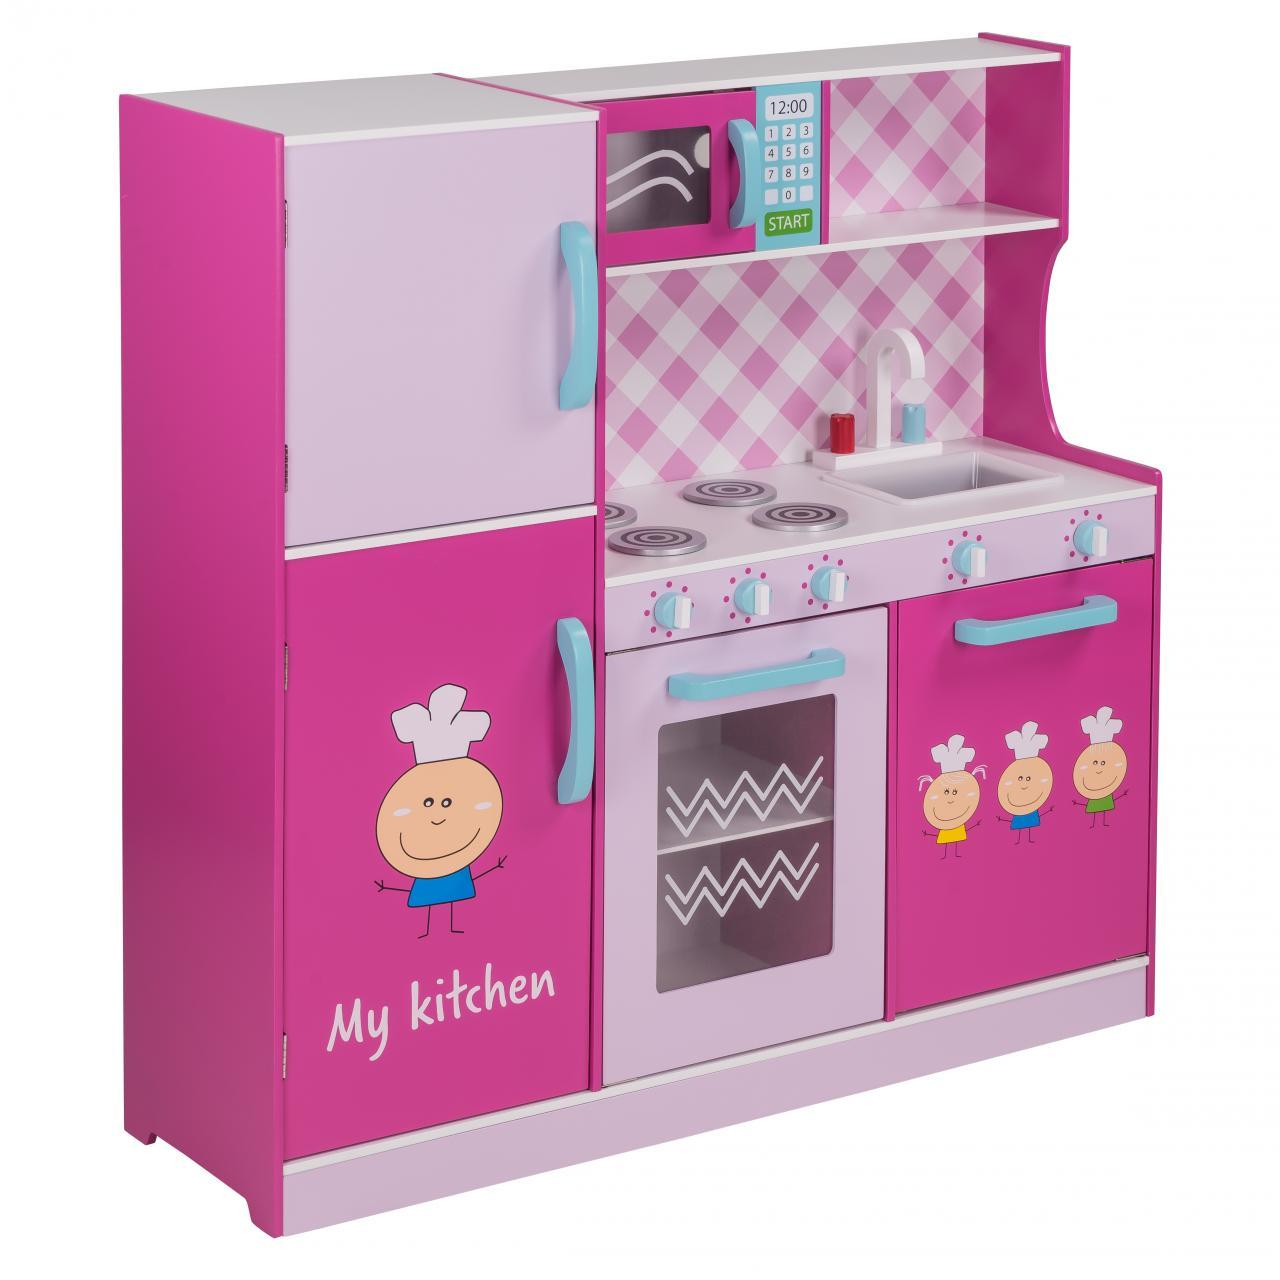 cuisine pour enfants de jeux en bois jouet ebay. Black Bedroom Furniture Sets. Home Design Ideas